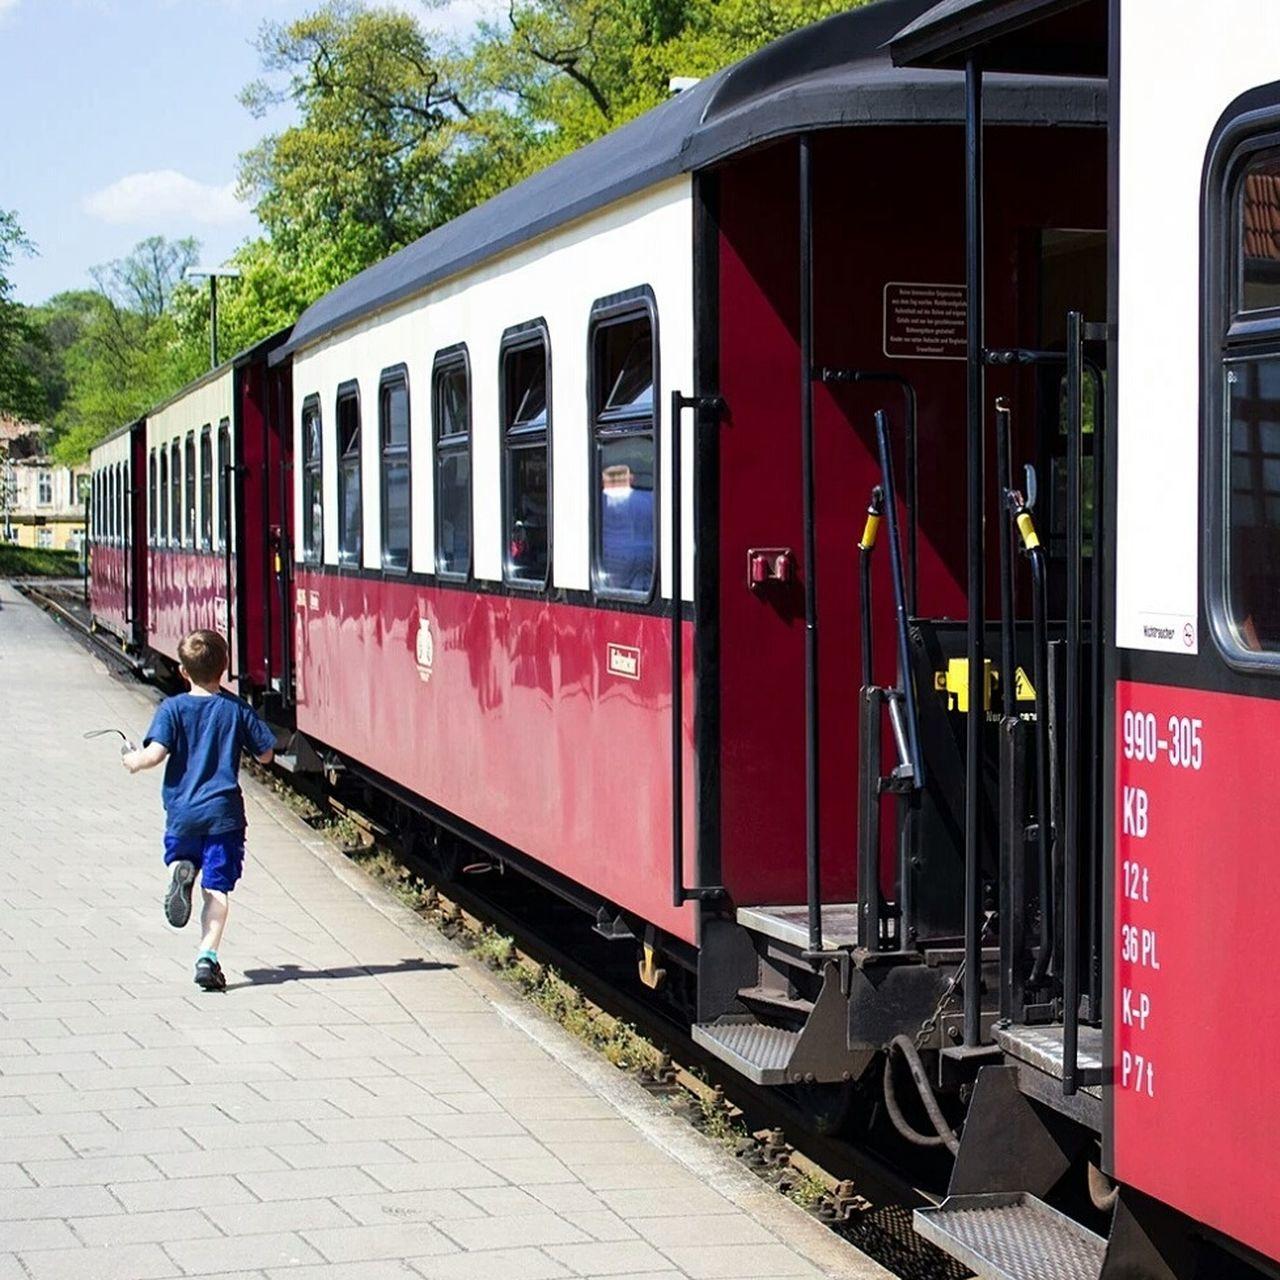 Train Molli Bad Doberan Mecklenburg-Vorpommern Mecklenburgvorpommern Summer Dampflok Trainstation Little Boy Child